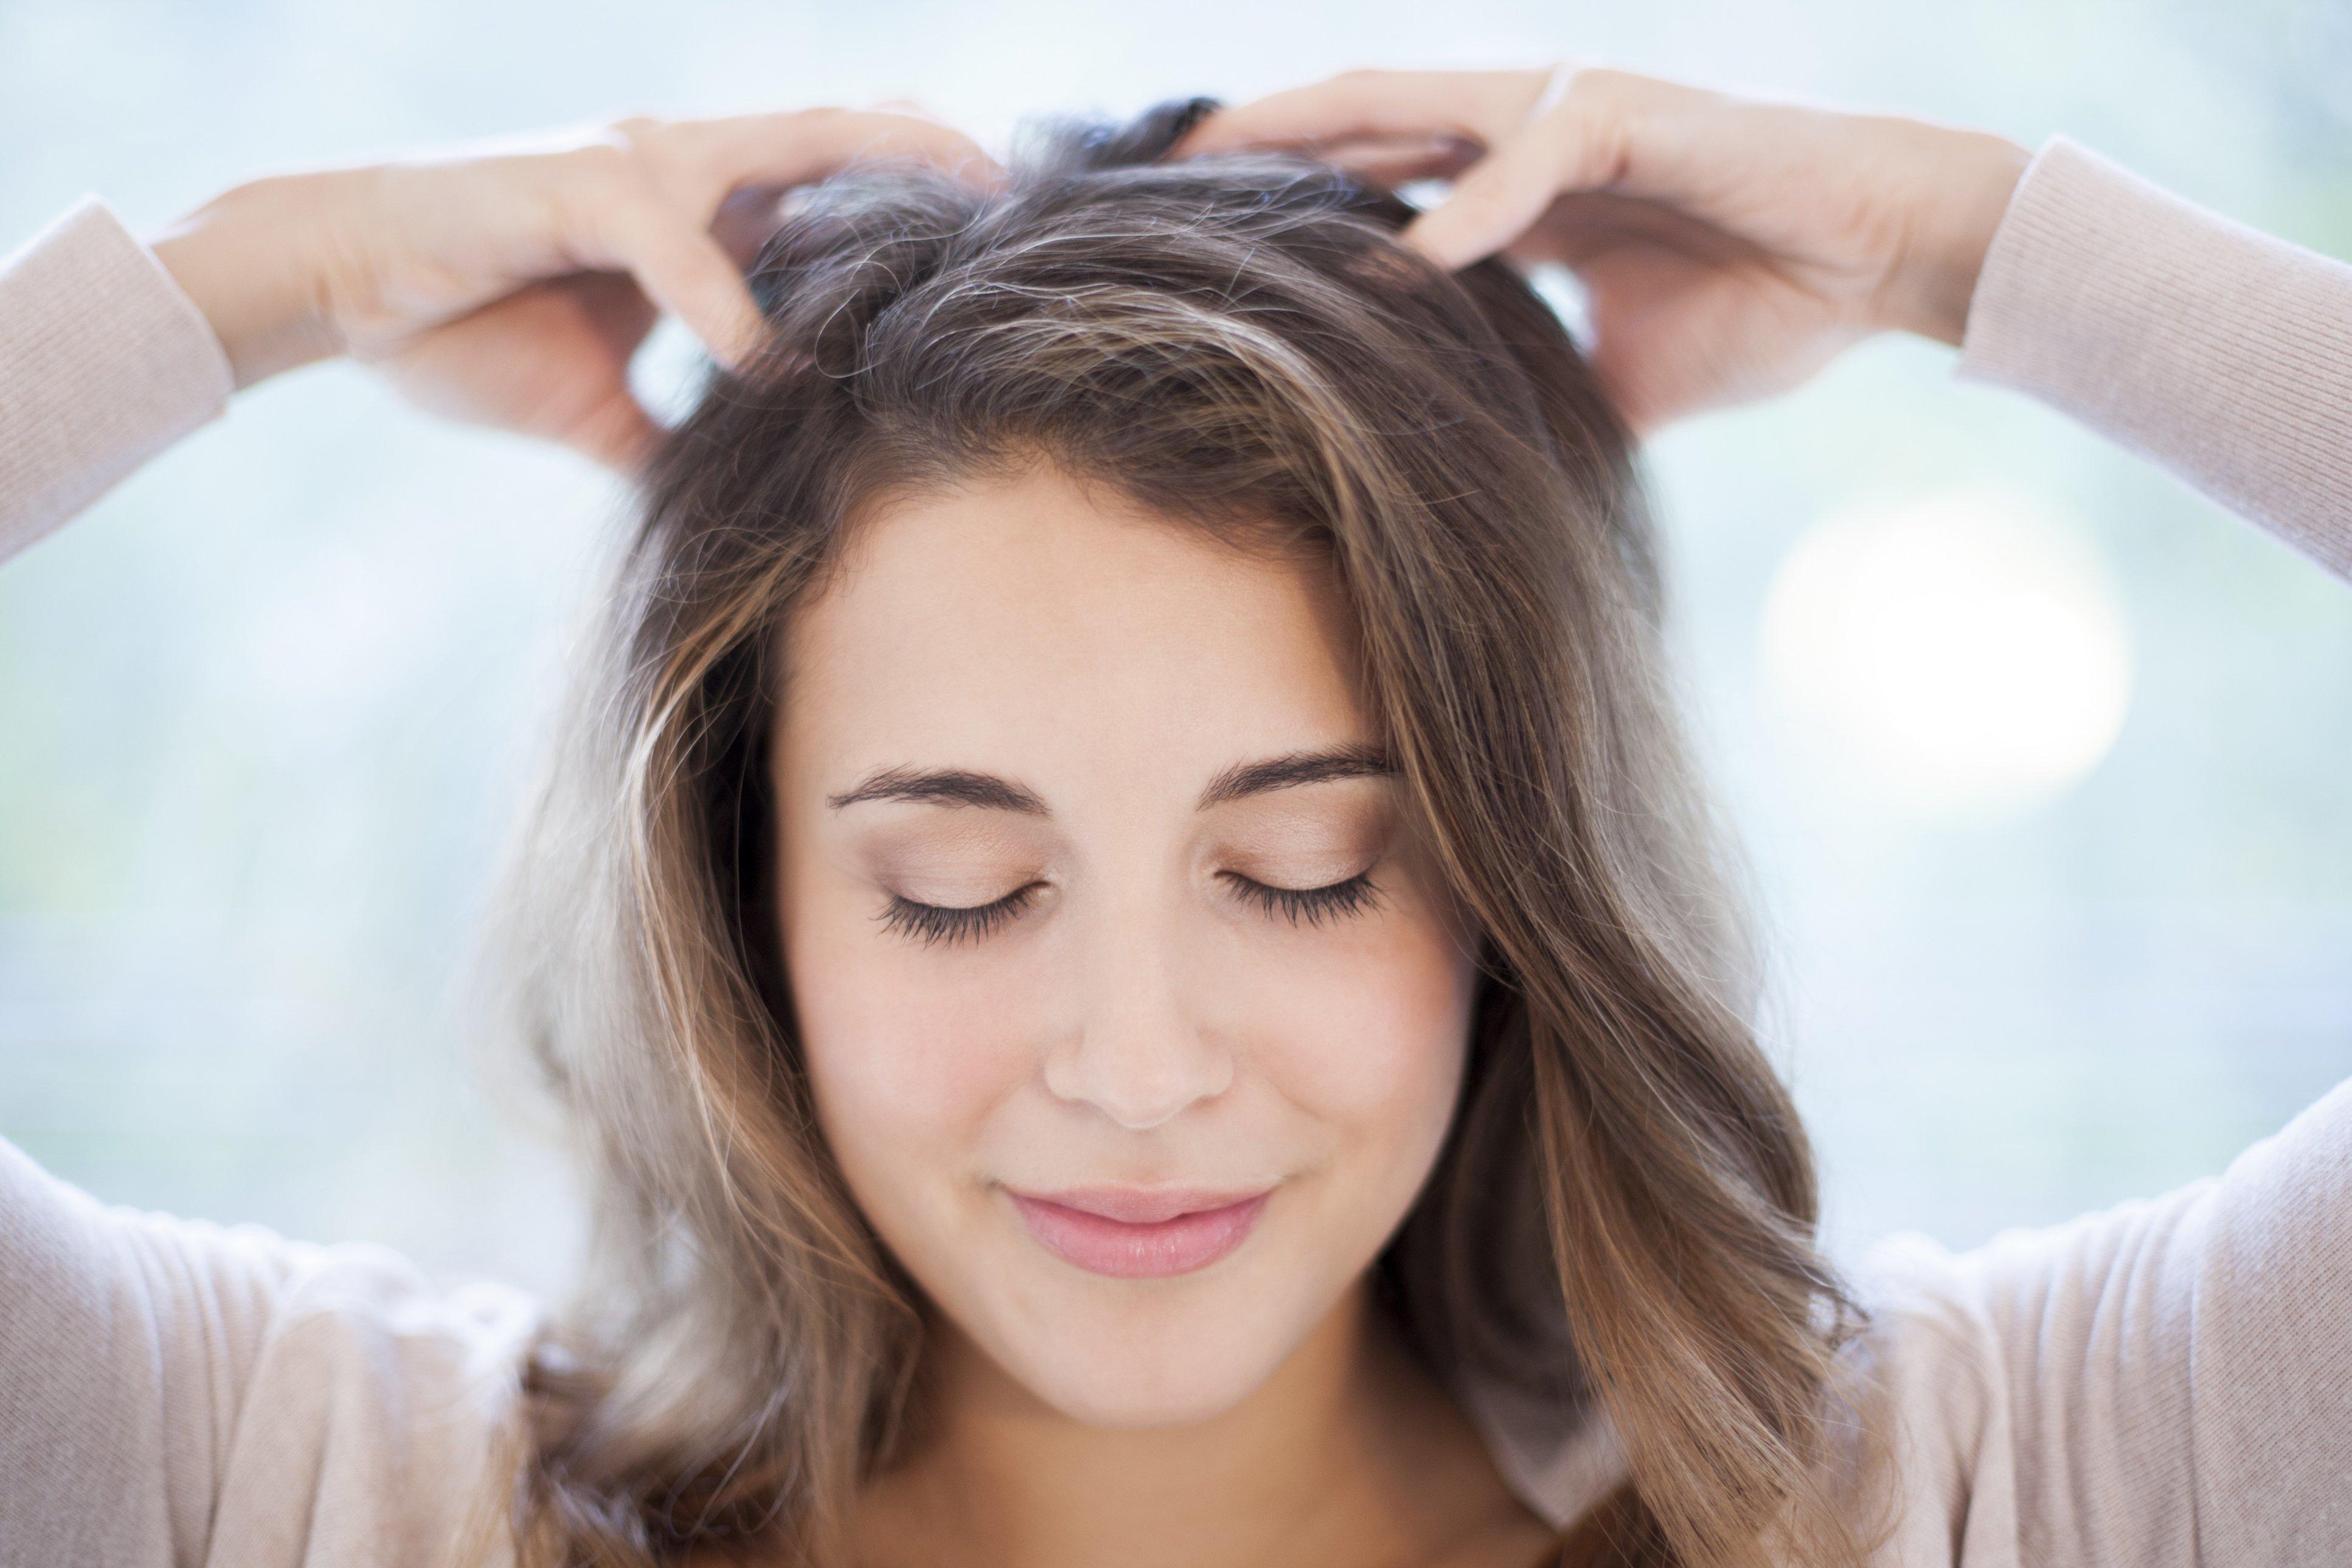 「scalp massage」の画像検索結果